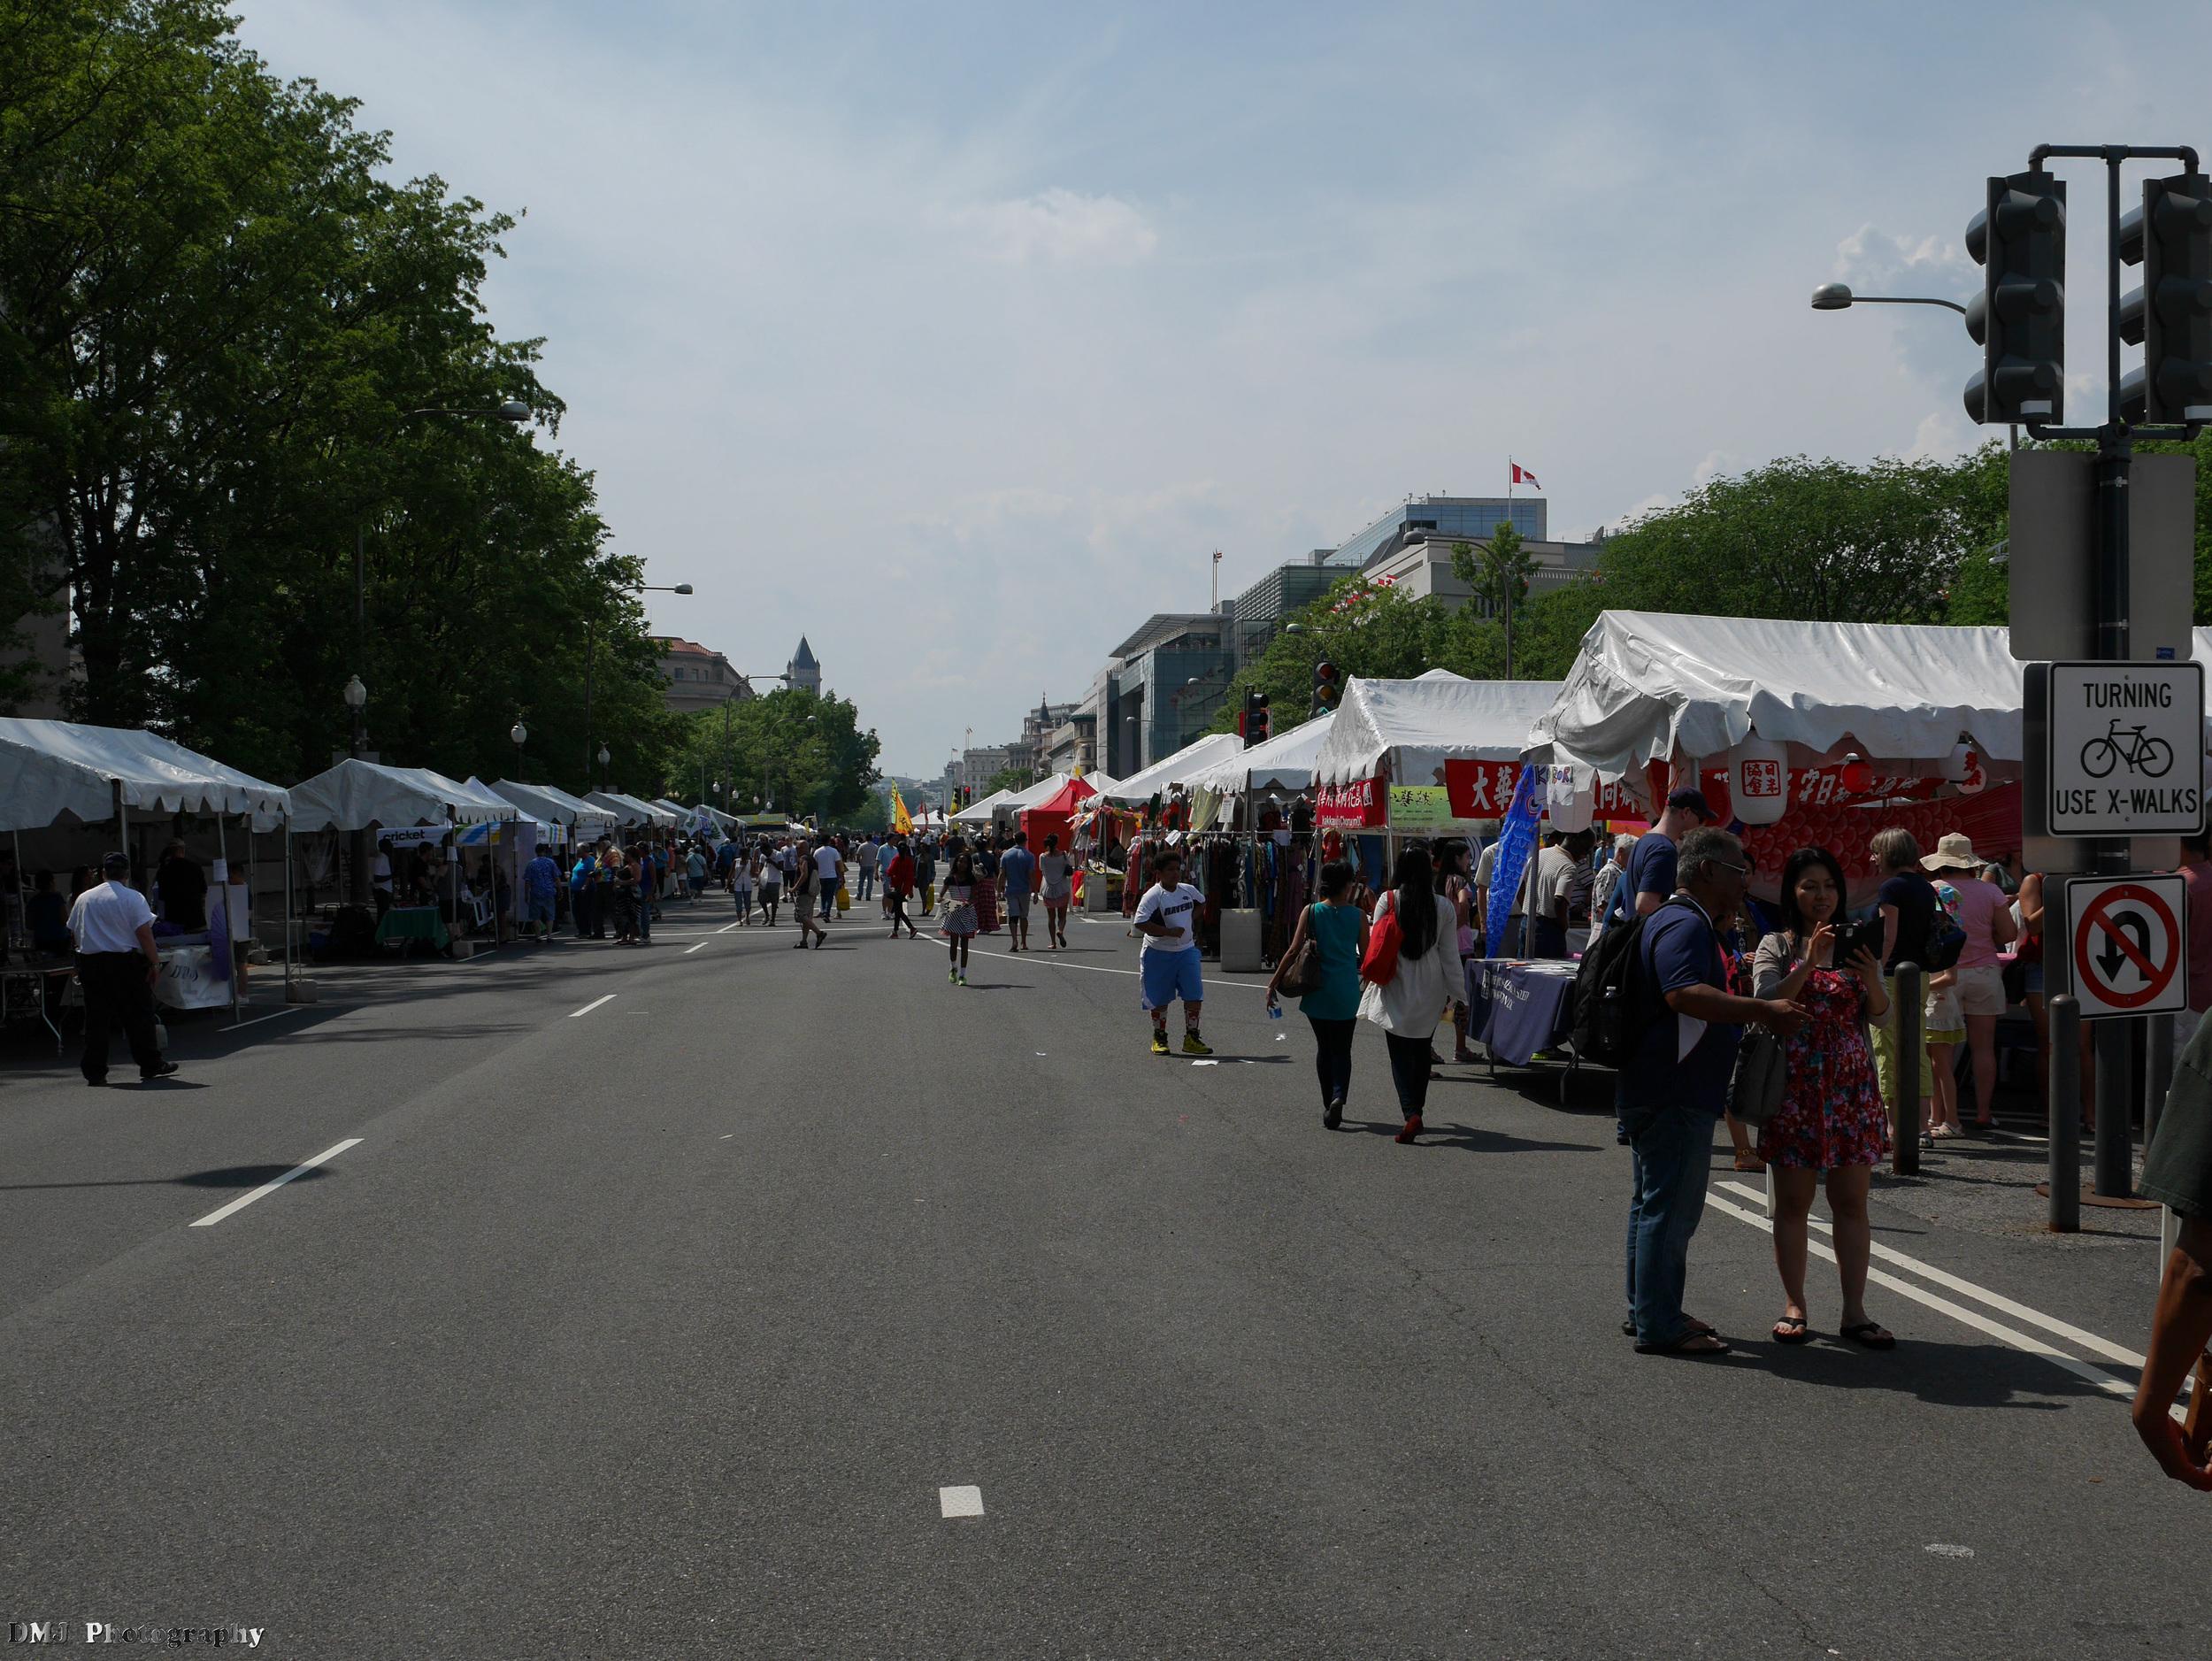 fiesta_asia_street_festival_2015_streets_5.jpg